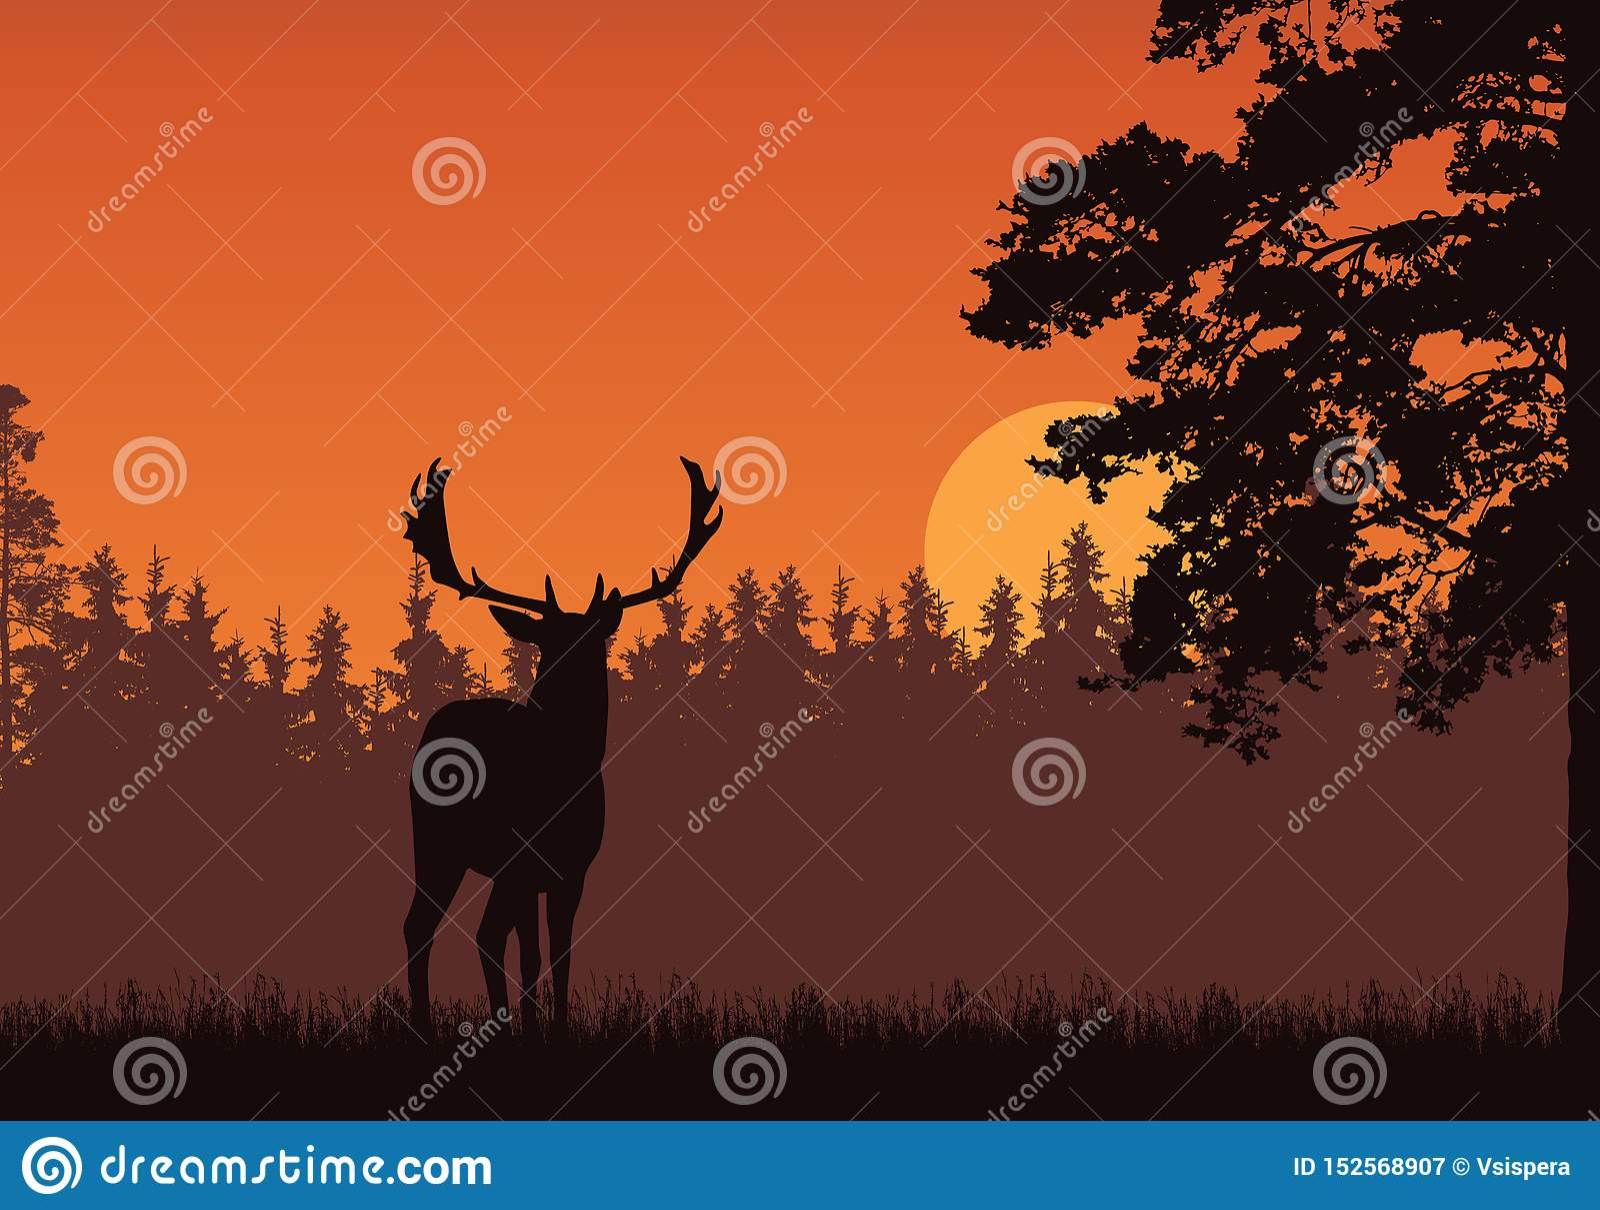 Ρεαλιστική απεικόνιση της στάσης των ελαφιών, της χλόης και του υψηλού δέντρου Δάσος κάτω από τον πορτοκαλή ουρανό με την ανατολή